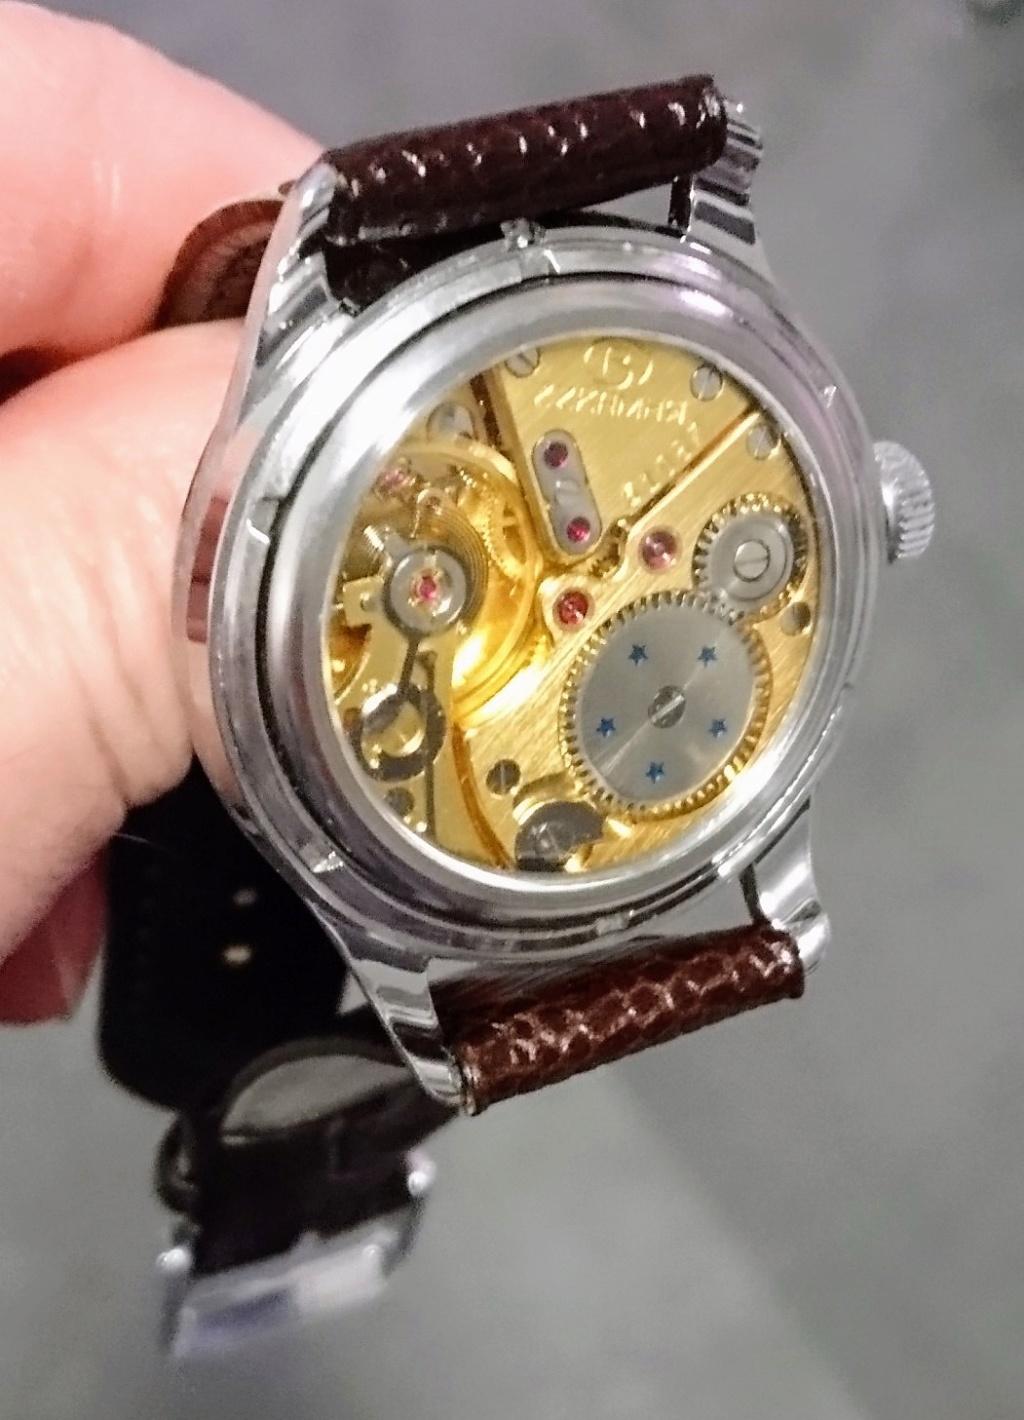 Vos montres russes customisées/modifiées - Page 9 N-dsc_10